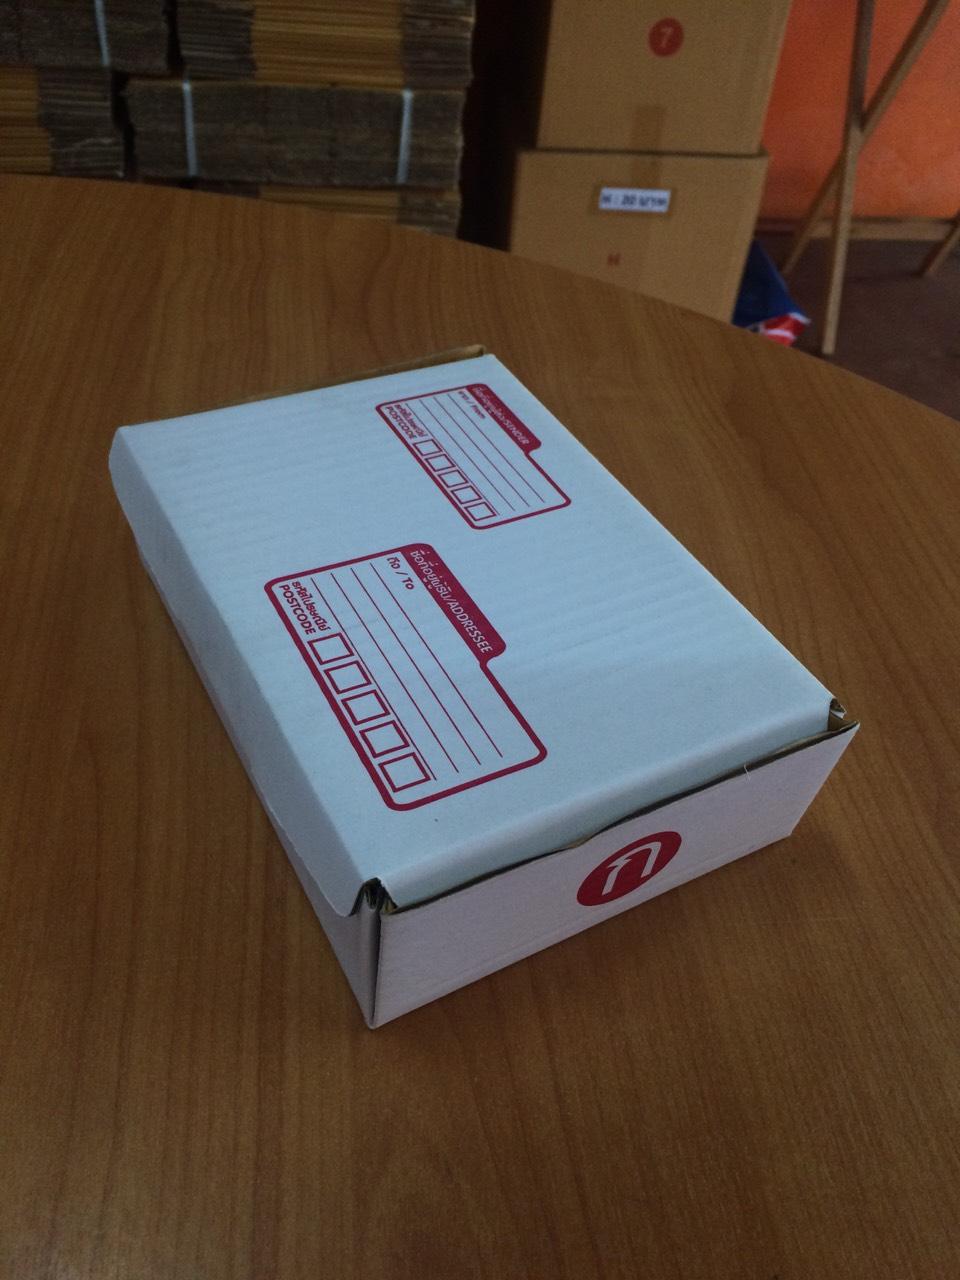 กล่องไปรษณีย์ ไดคัท เบอร์ ก ขนาด 20 X 14 X 6 cm. ใบละ 5.2 บาท